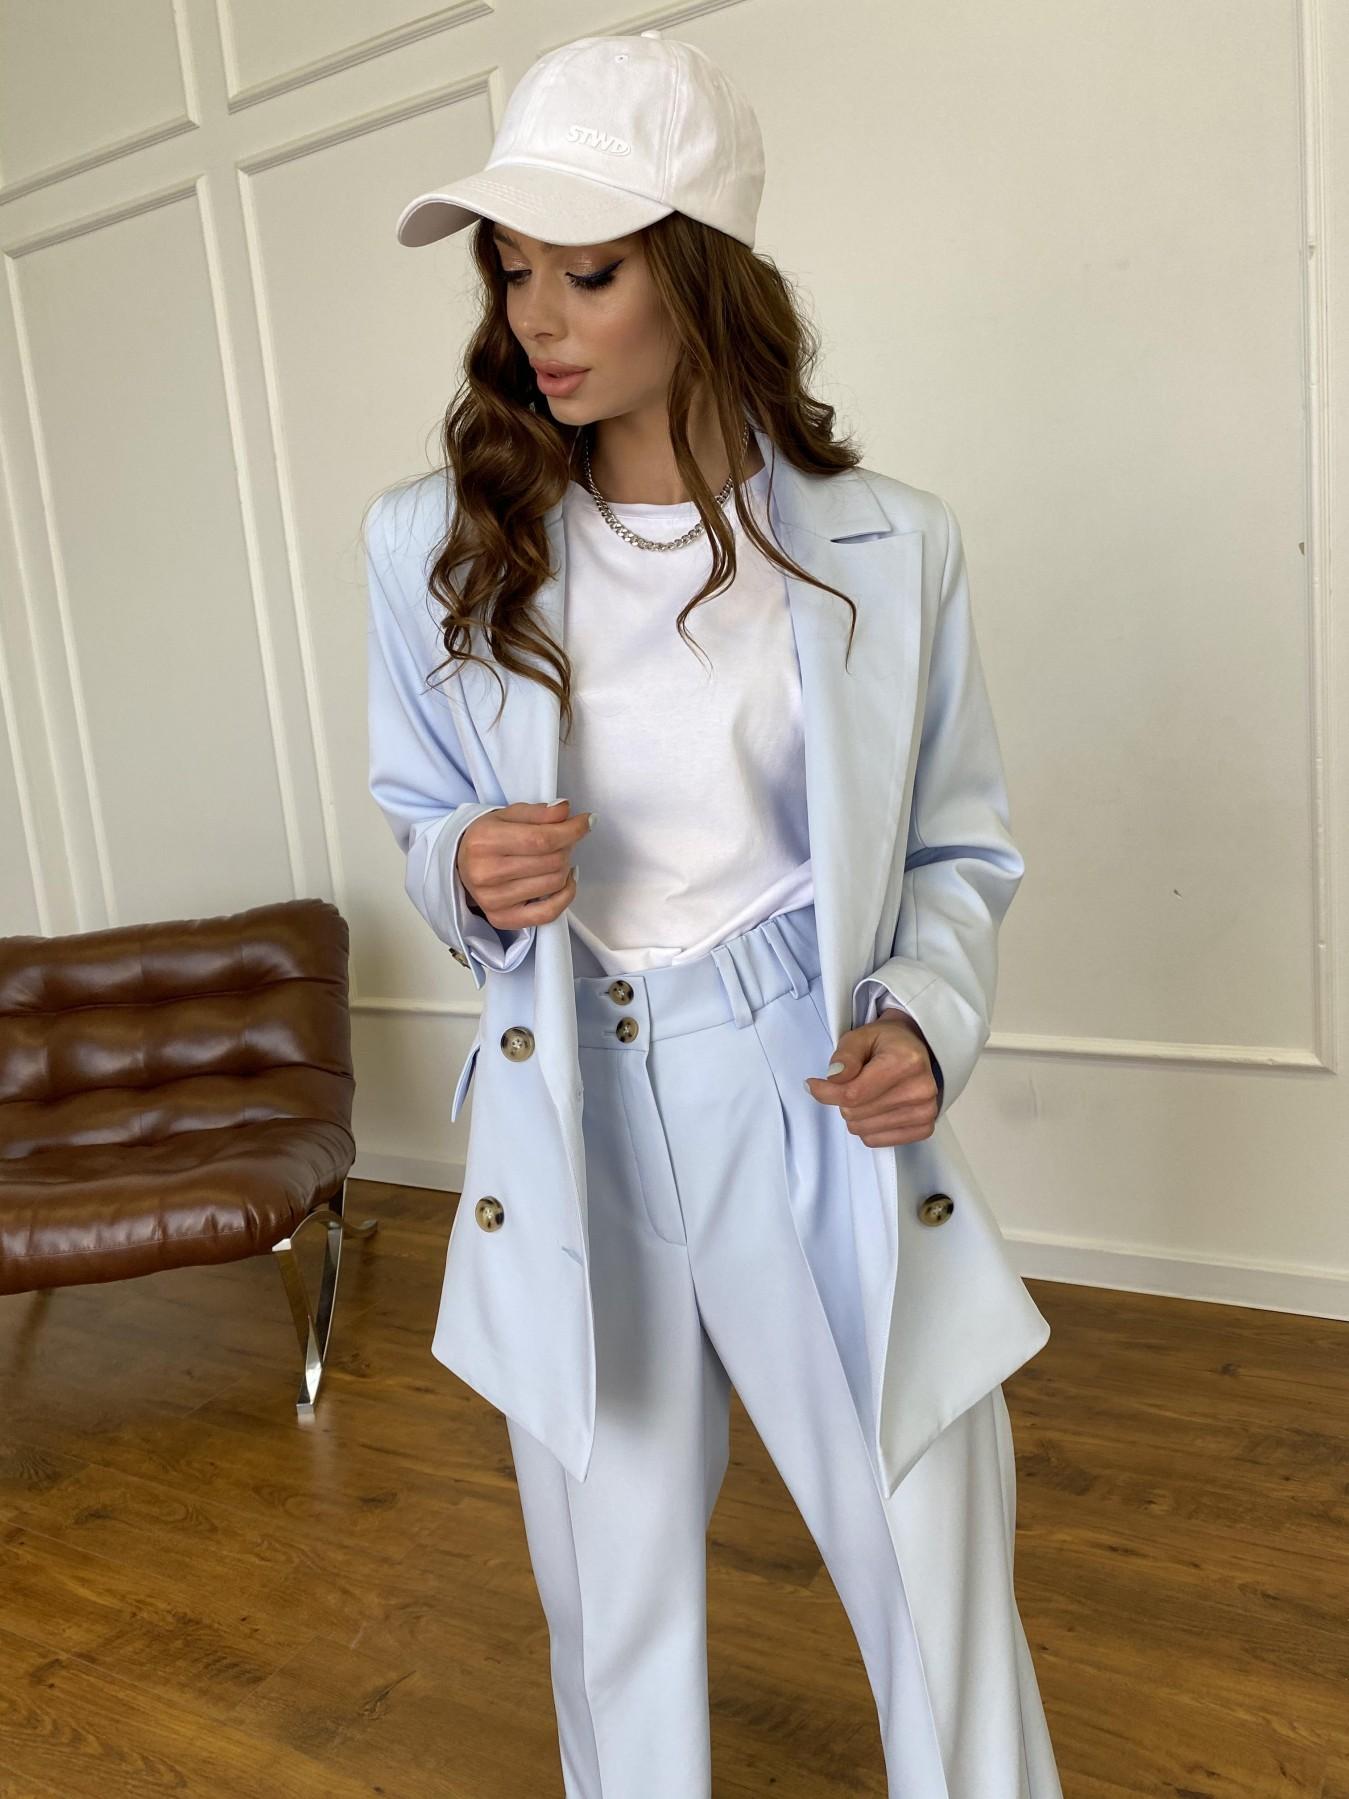 Белисимо  костюм стрейч из костюмной ткани 11217 АРТ. 47737 Цвет: Голубой - фото 15, интернет магазин tm-modus.ru